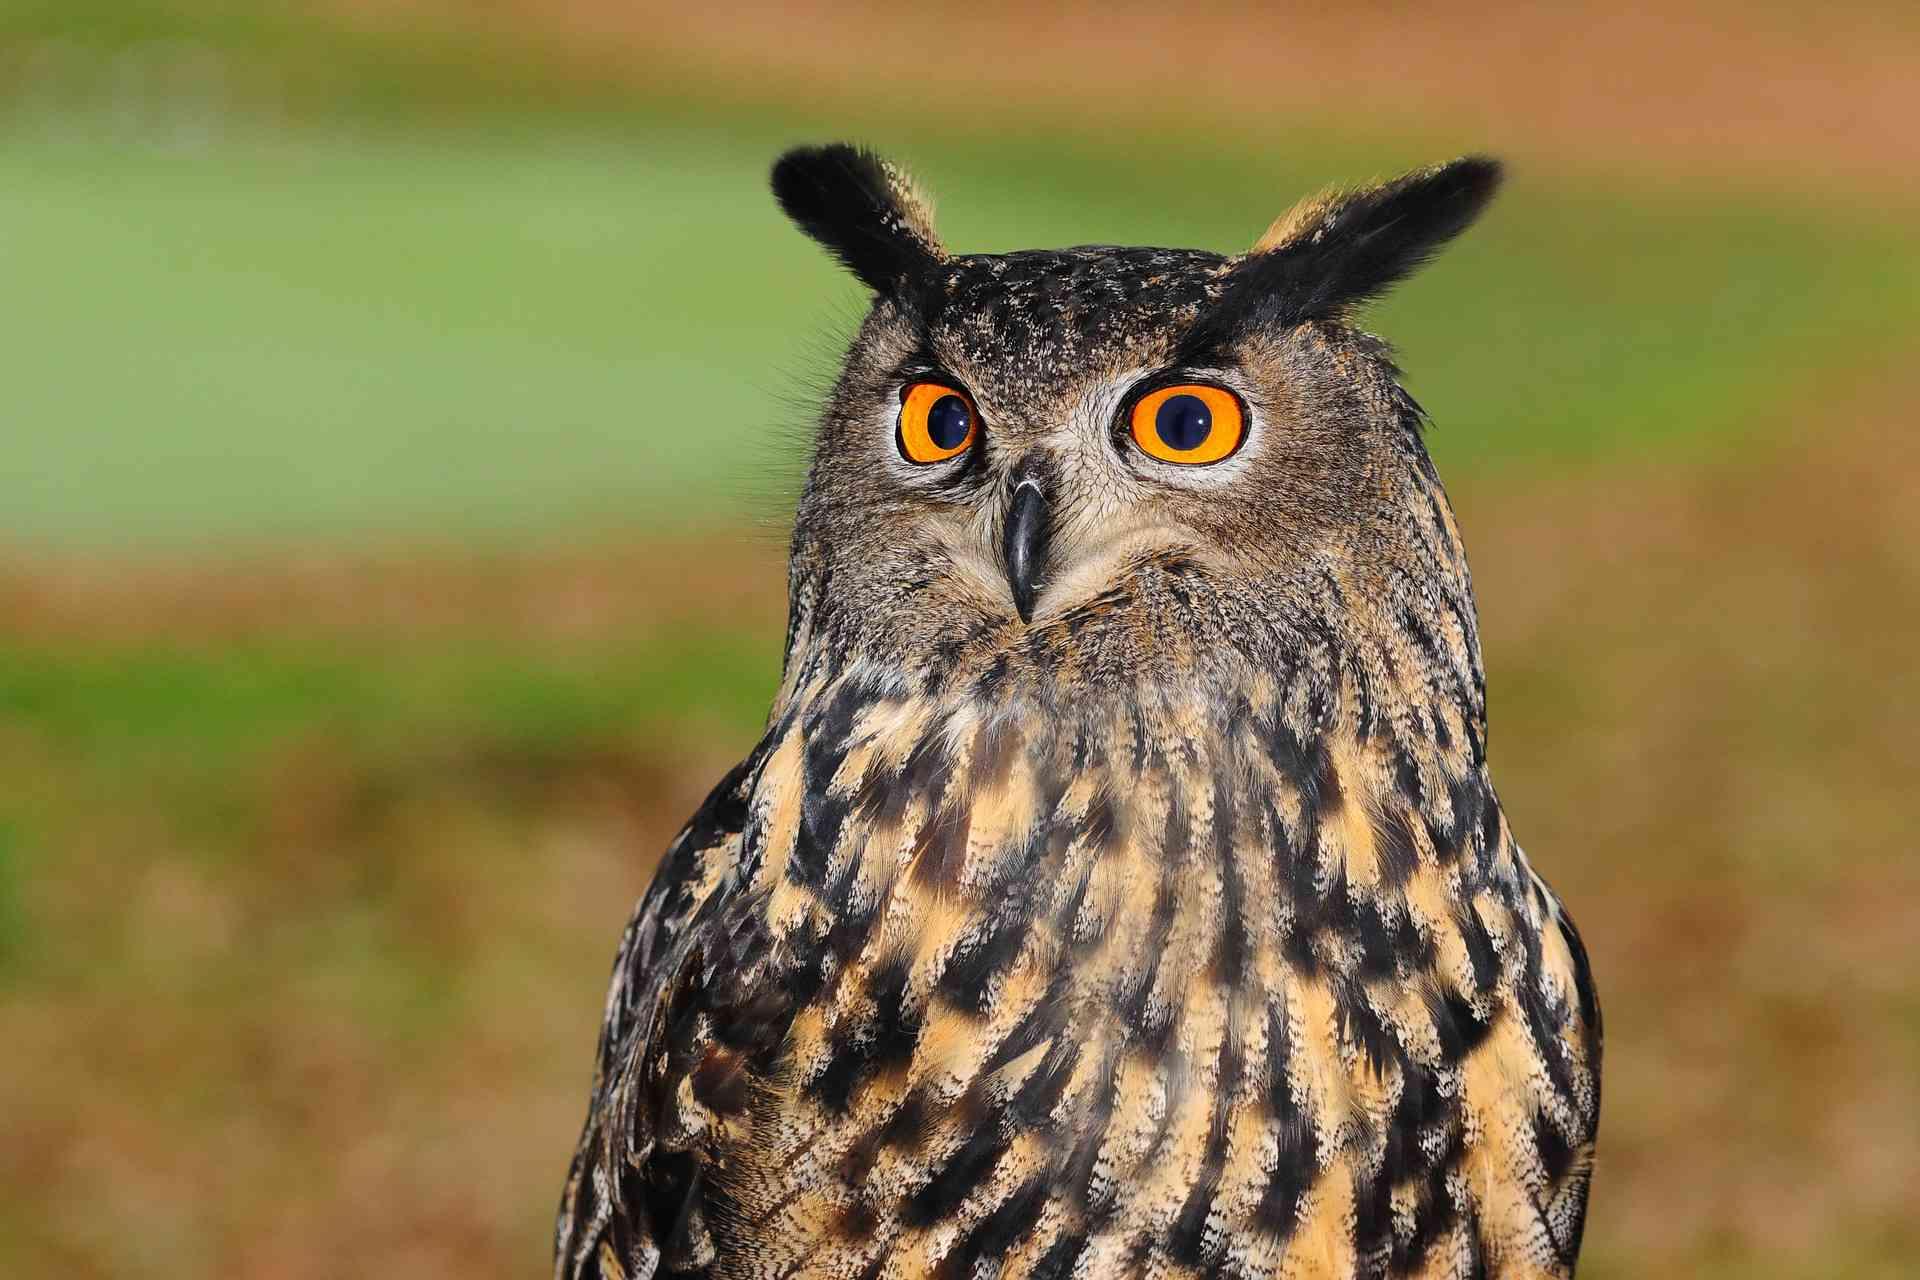 Owl staring at camera